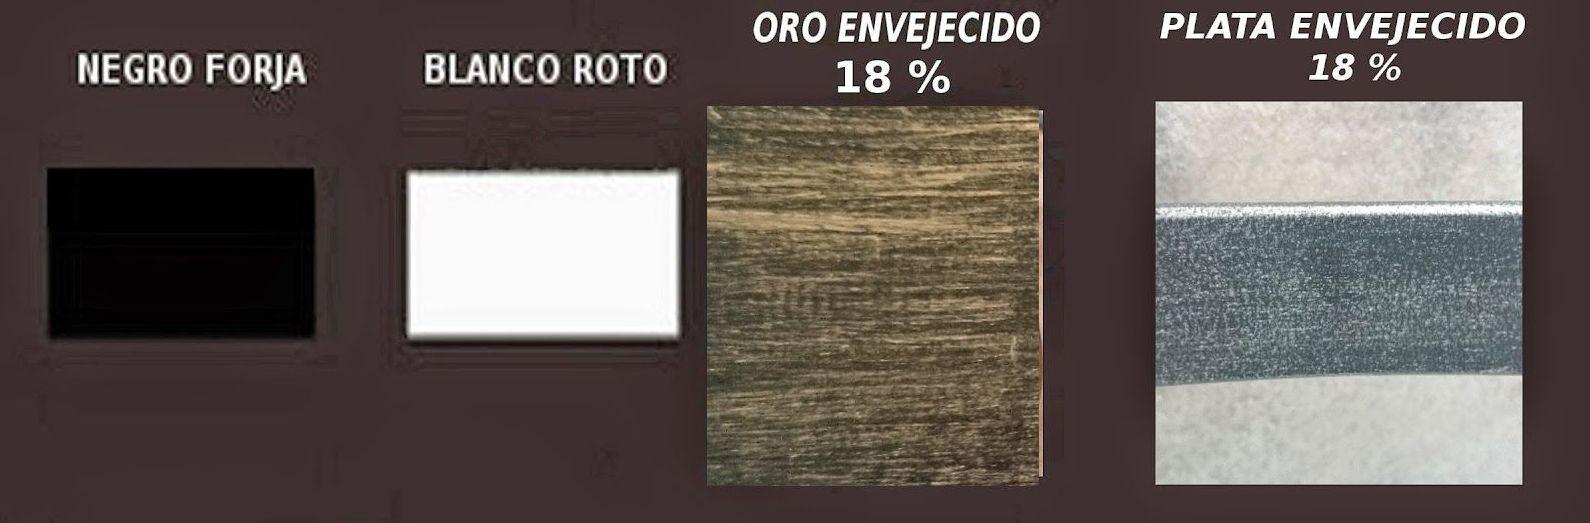 Colores estandar forja: Catálogo de muebles de forja de Forja Manuel Jiménez